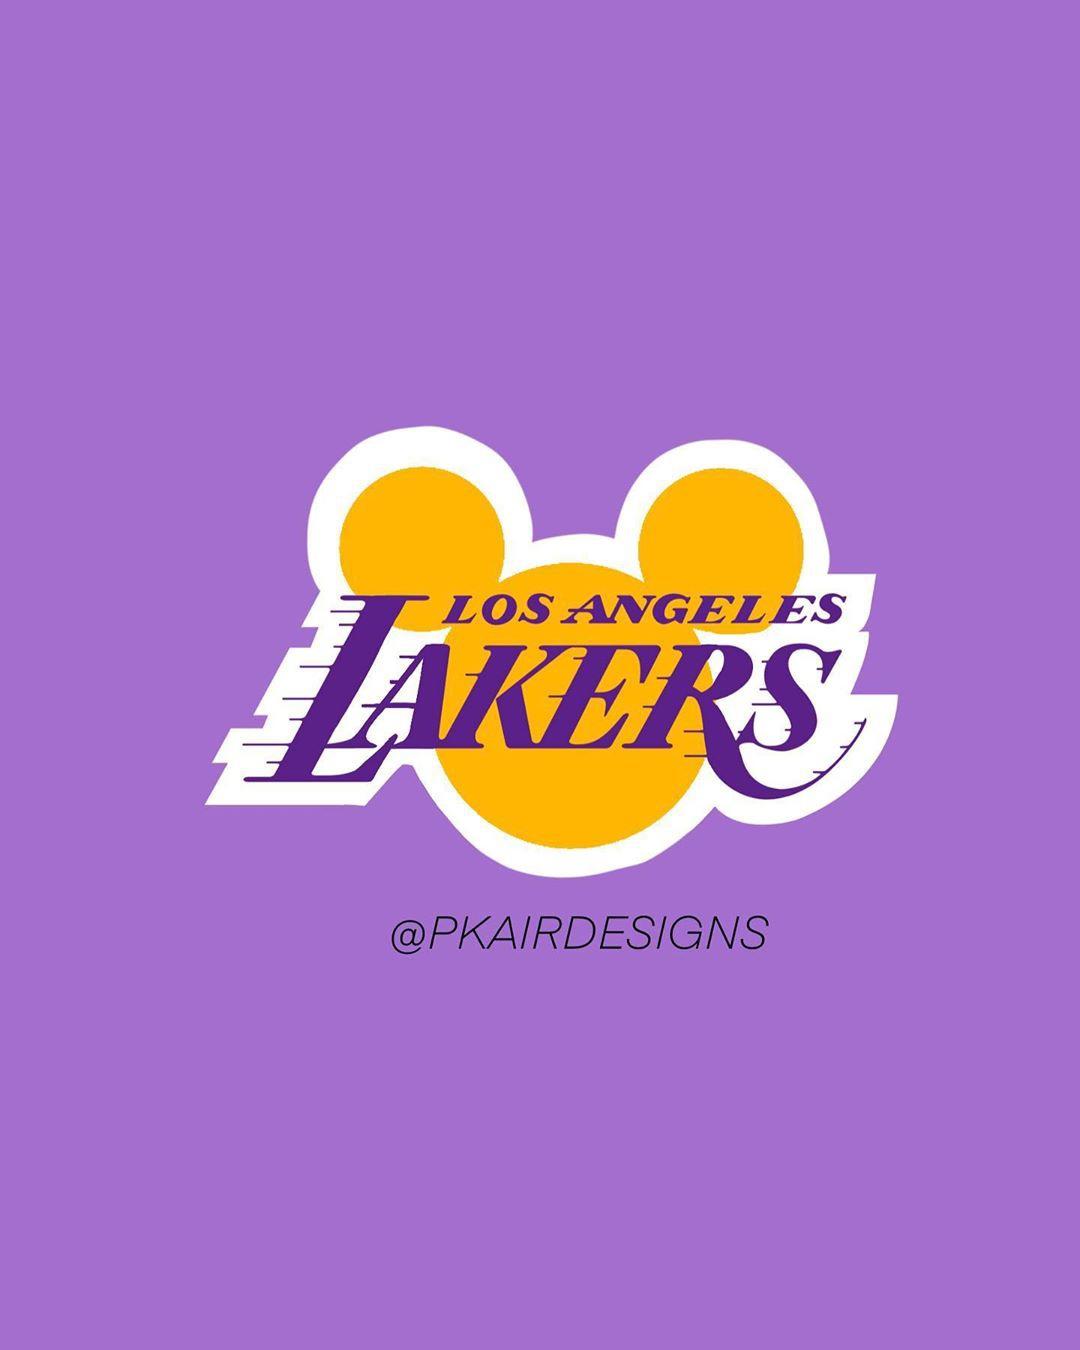 NBA30支球队迪士尼版队标:米老鼠湖人 加勒比快船海盗